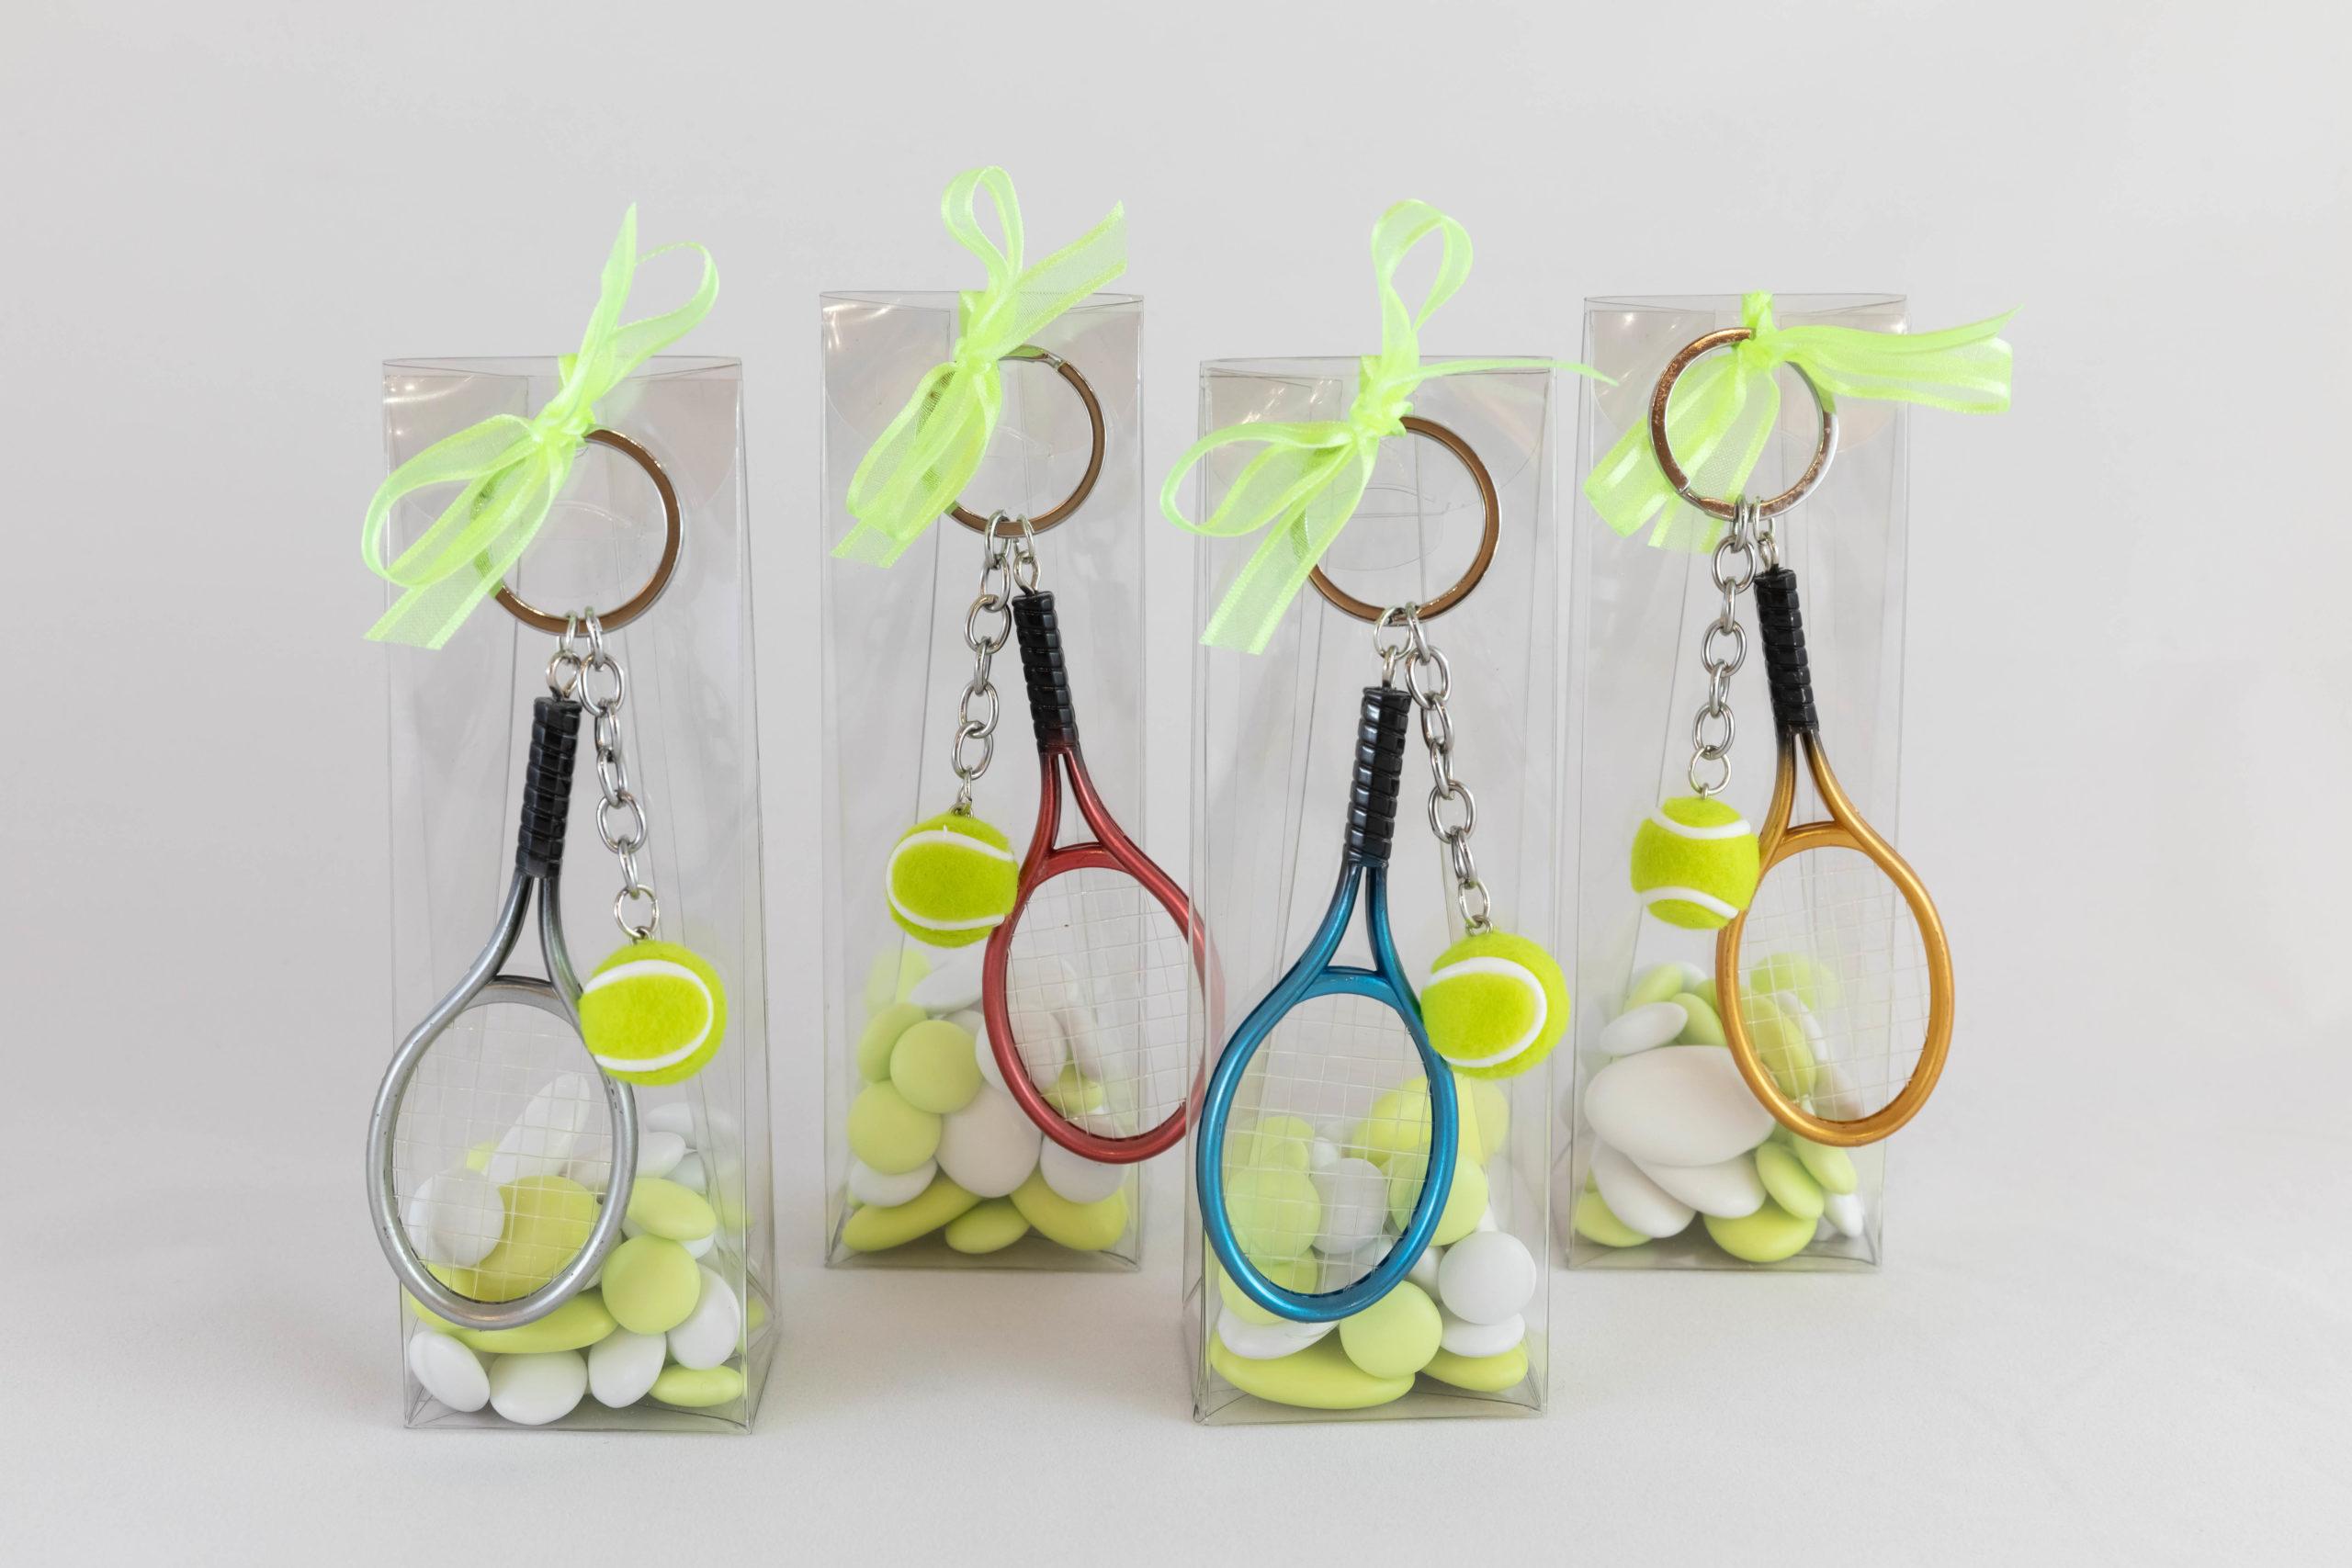 Boite porte-clé - Tennis Image